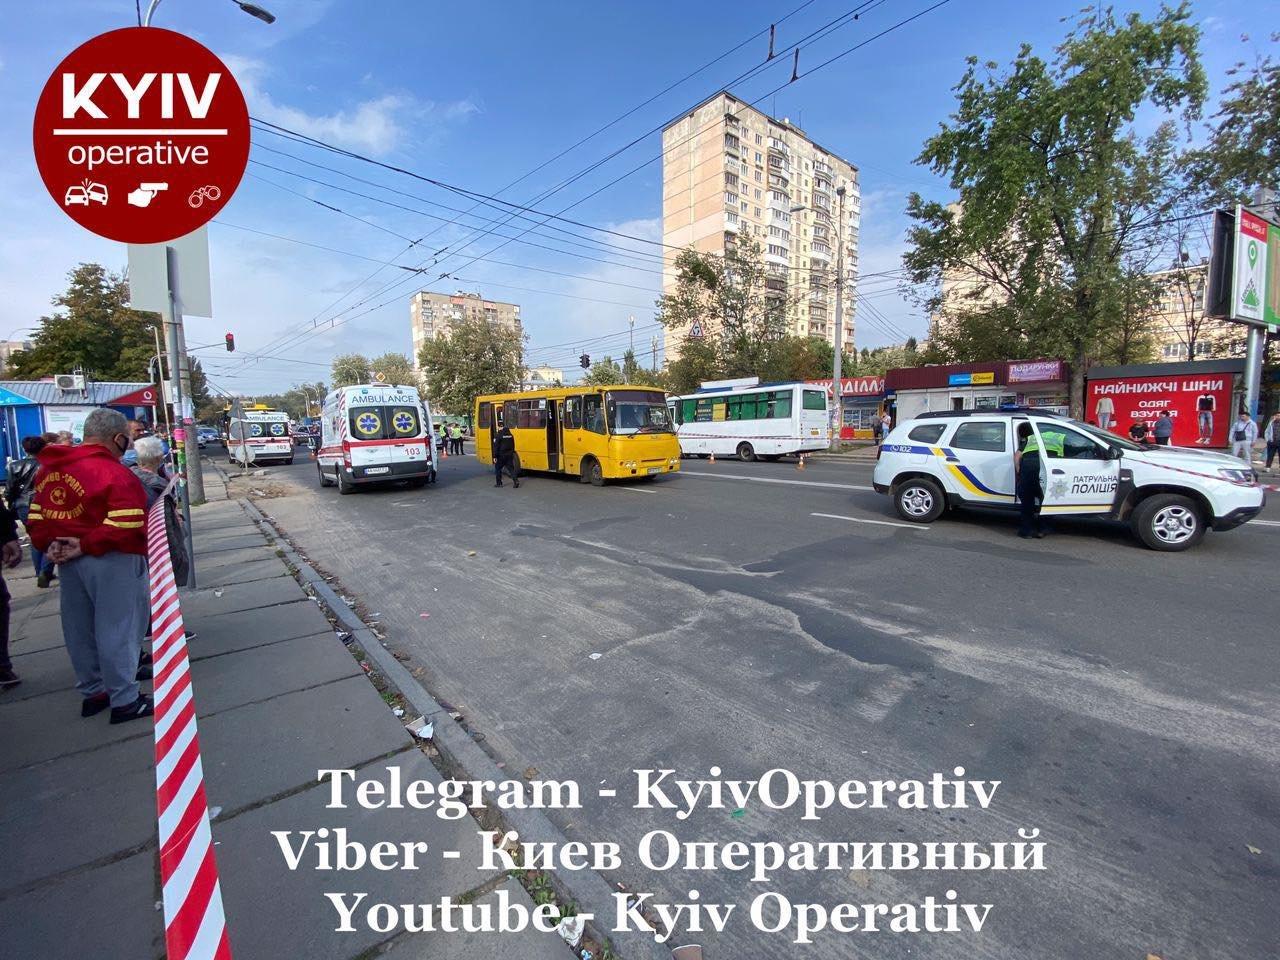 В Киеве на Виноградаре произошло смертельное ДТП с участием маршрутки, ВИДЕО, фото-2